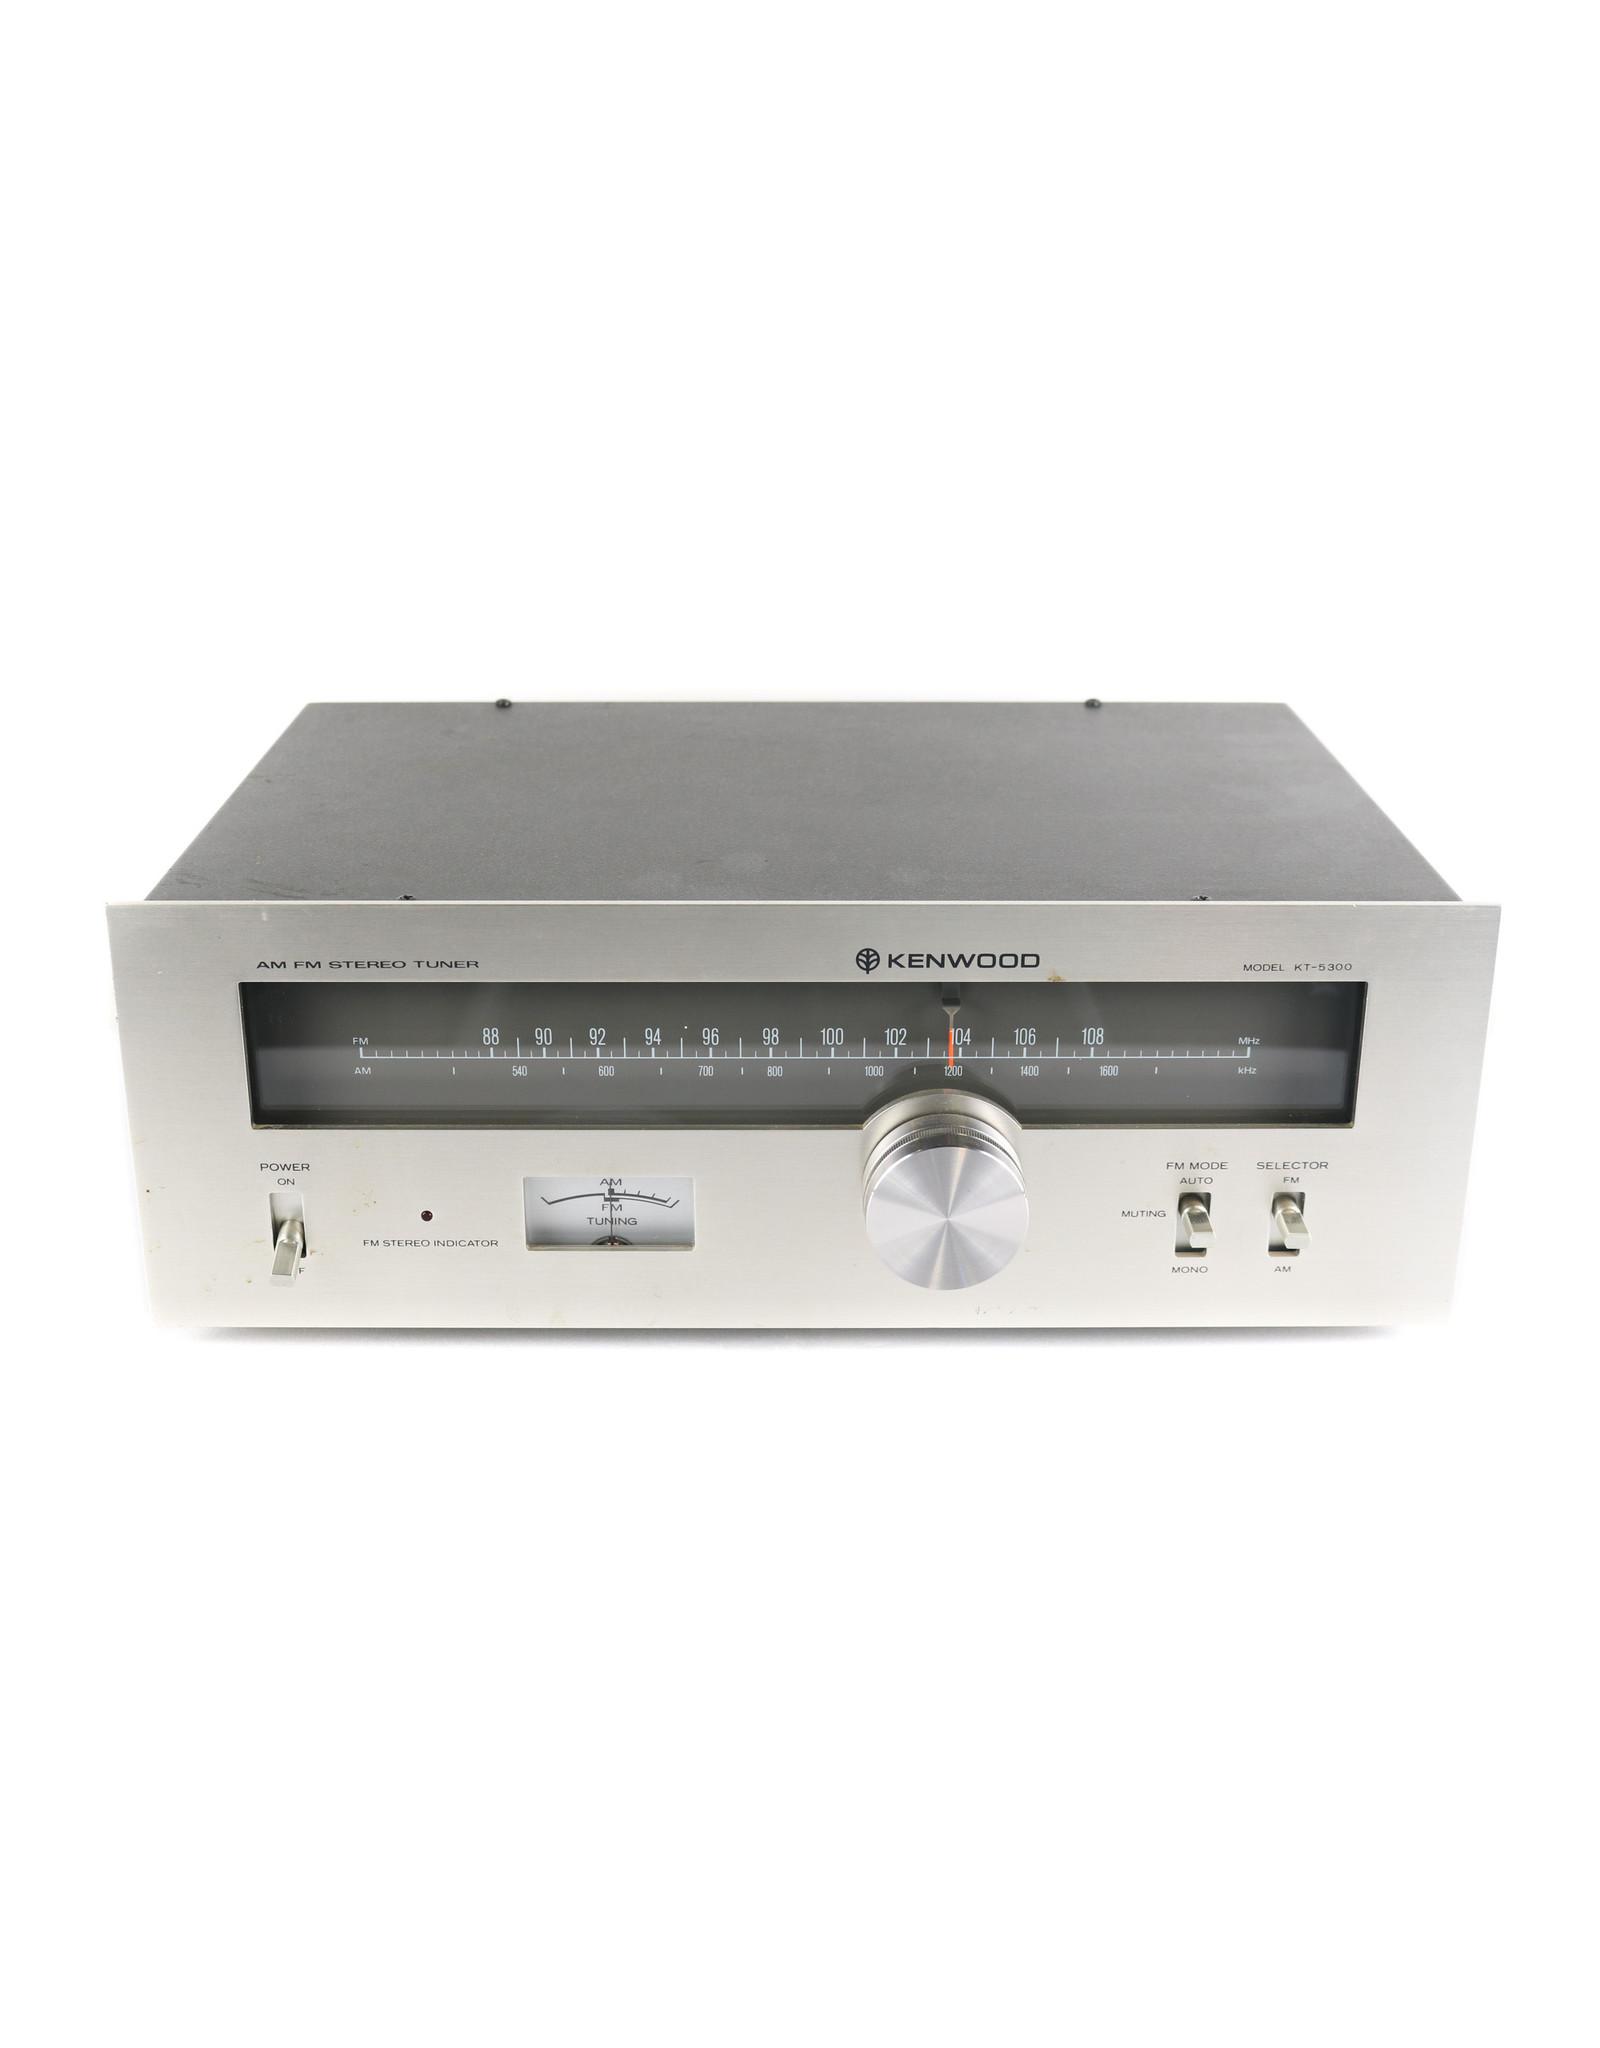 Kenwood Kenwood KT-5300 Tuner USED